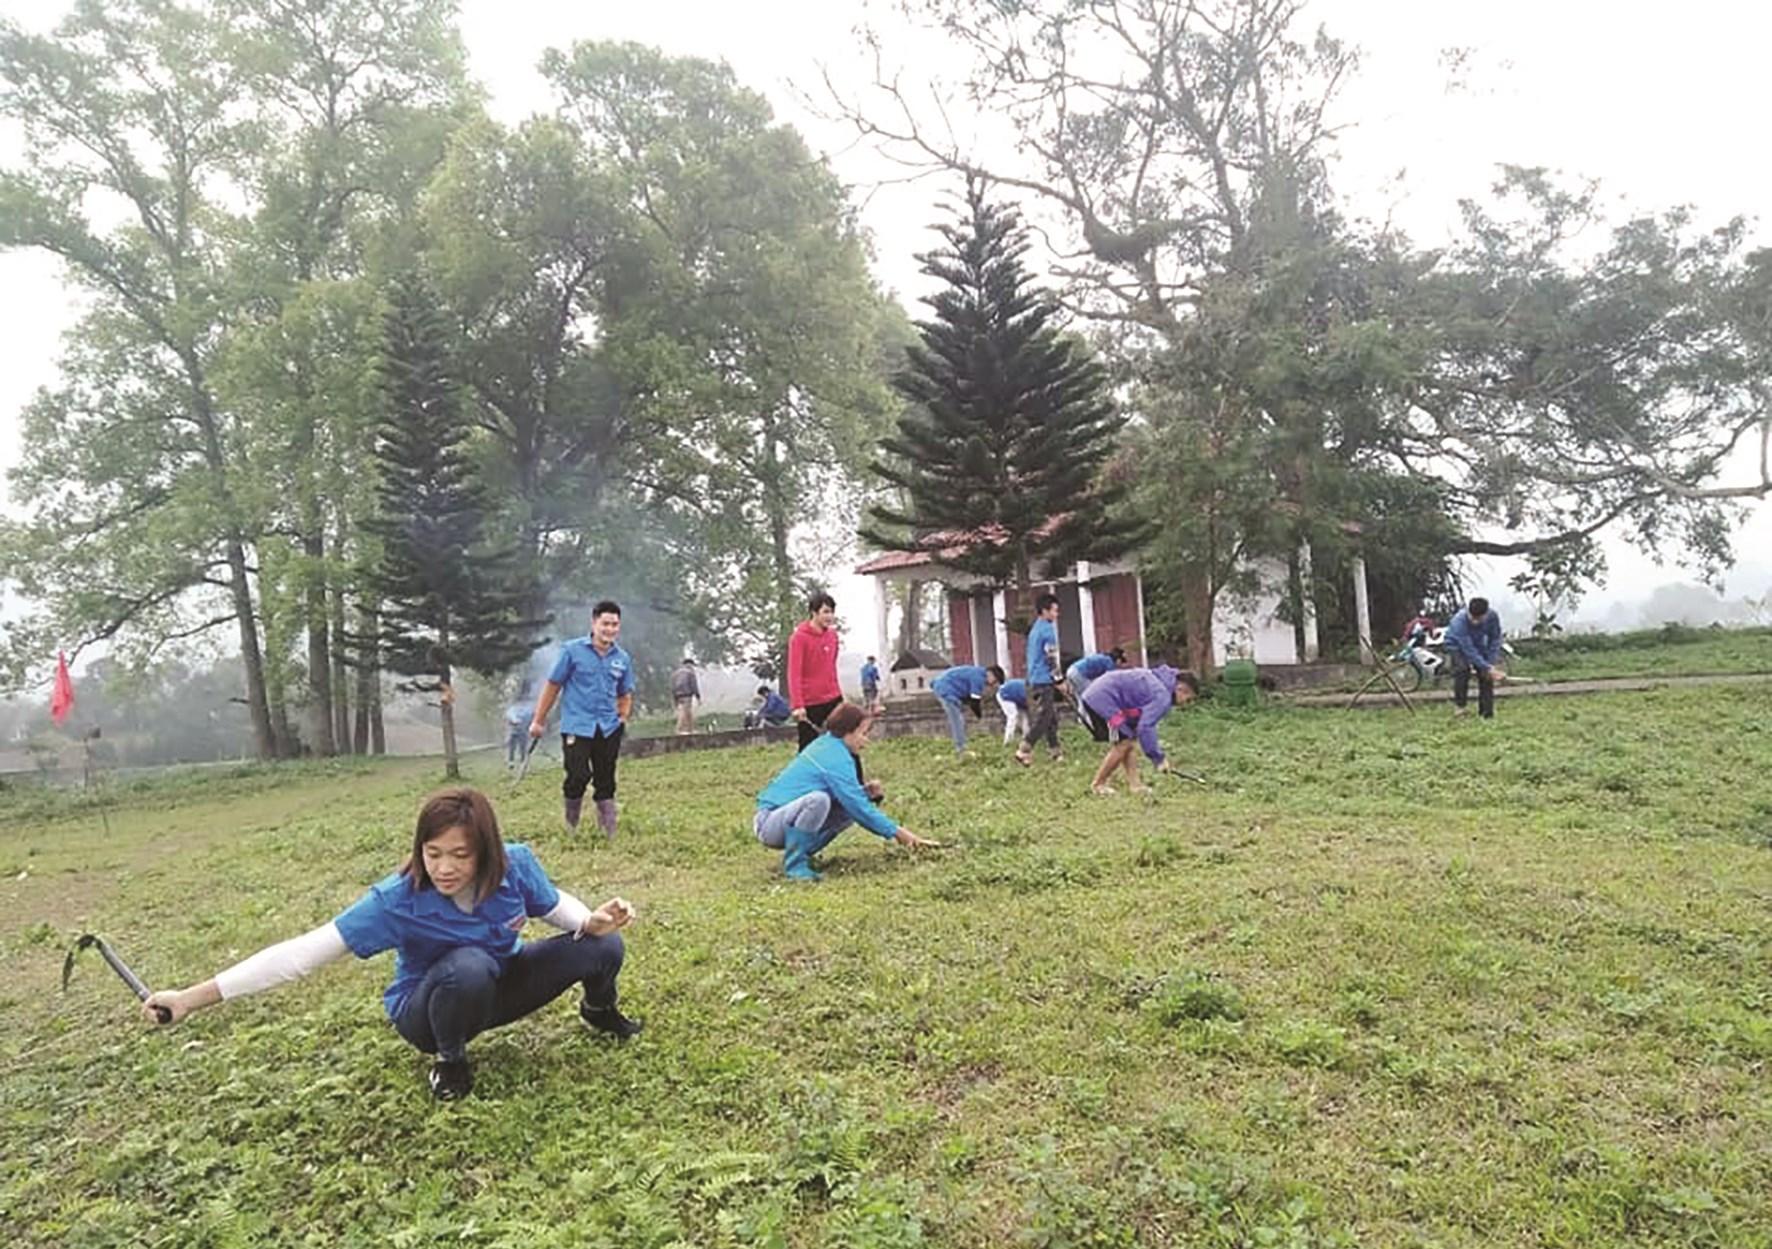 Đoàn Thanh niên xã Quyết Tiến, huyện Quản Bạ (Hà Giang) dọn dẹp vệ sinh khu dân cư